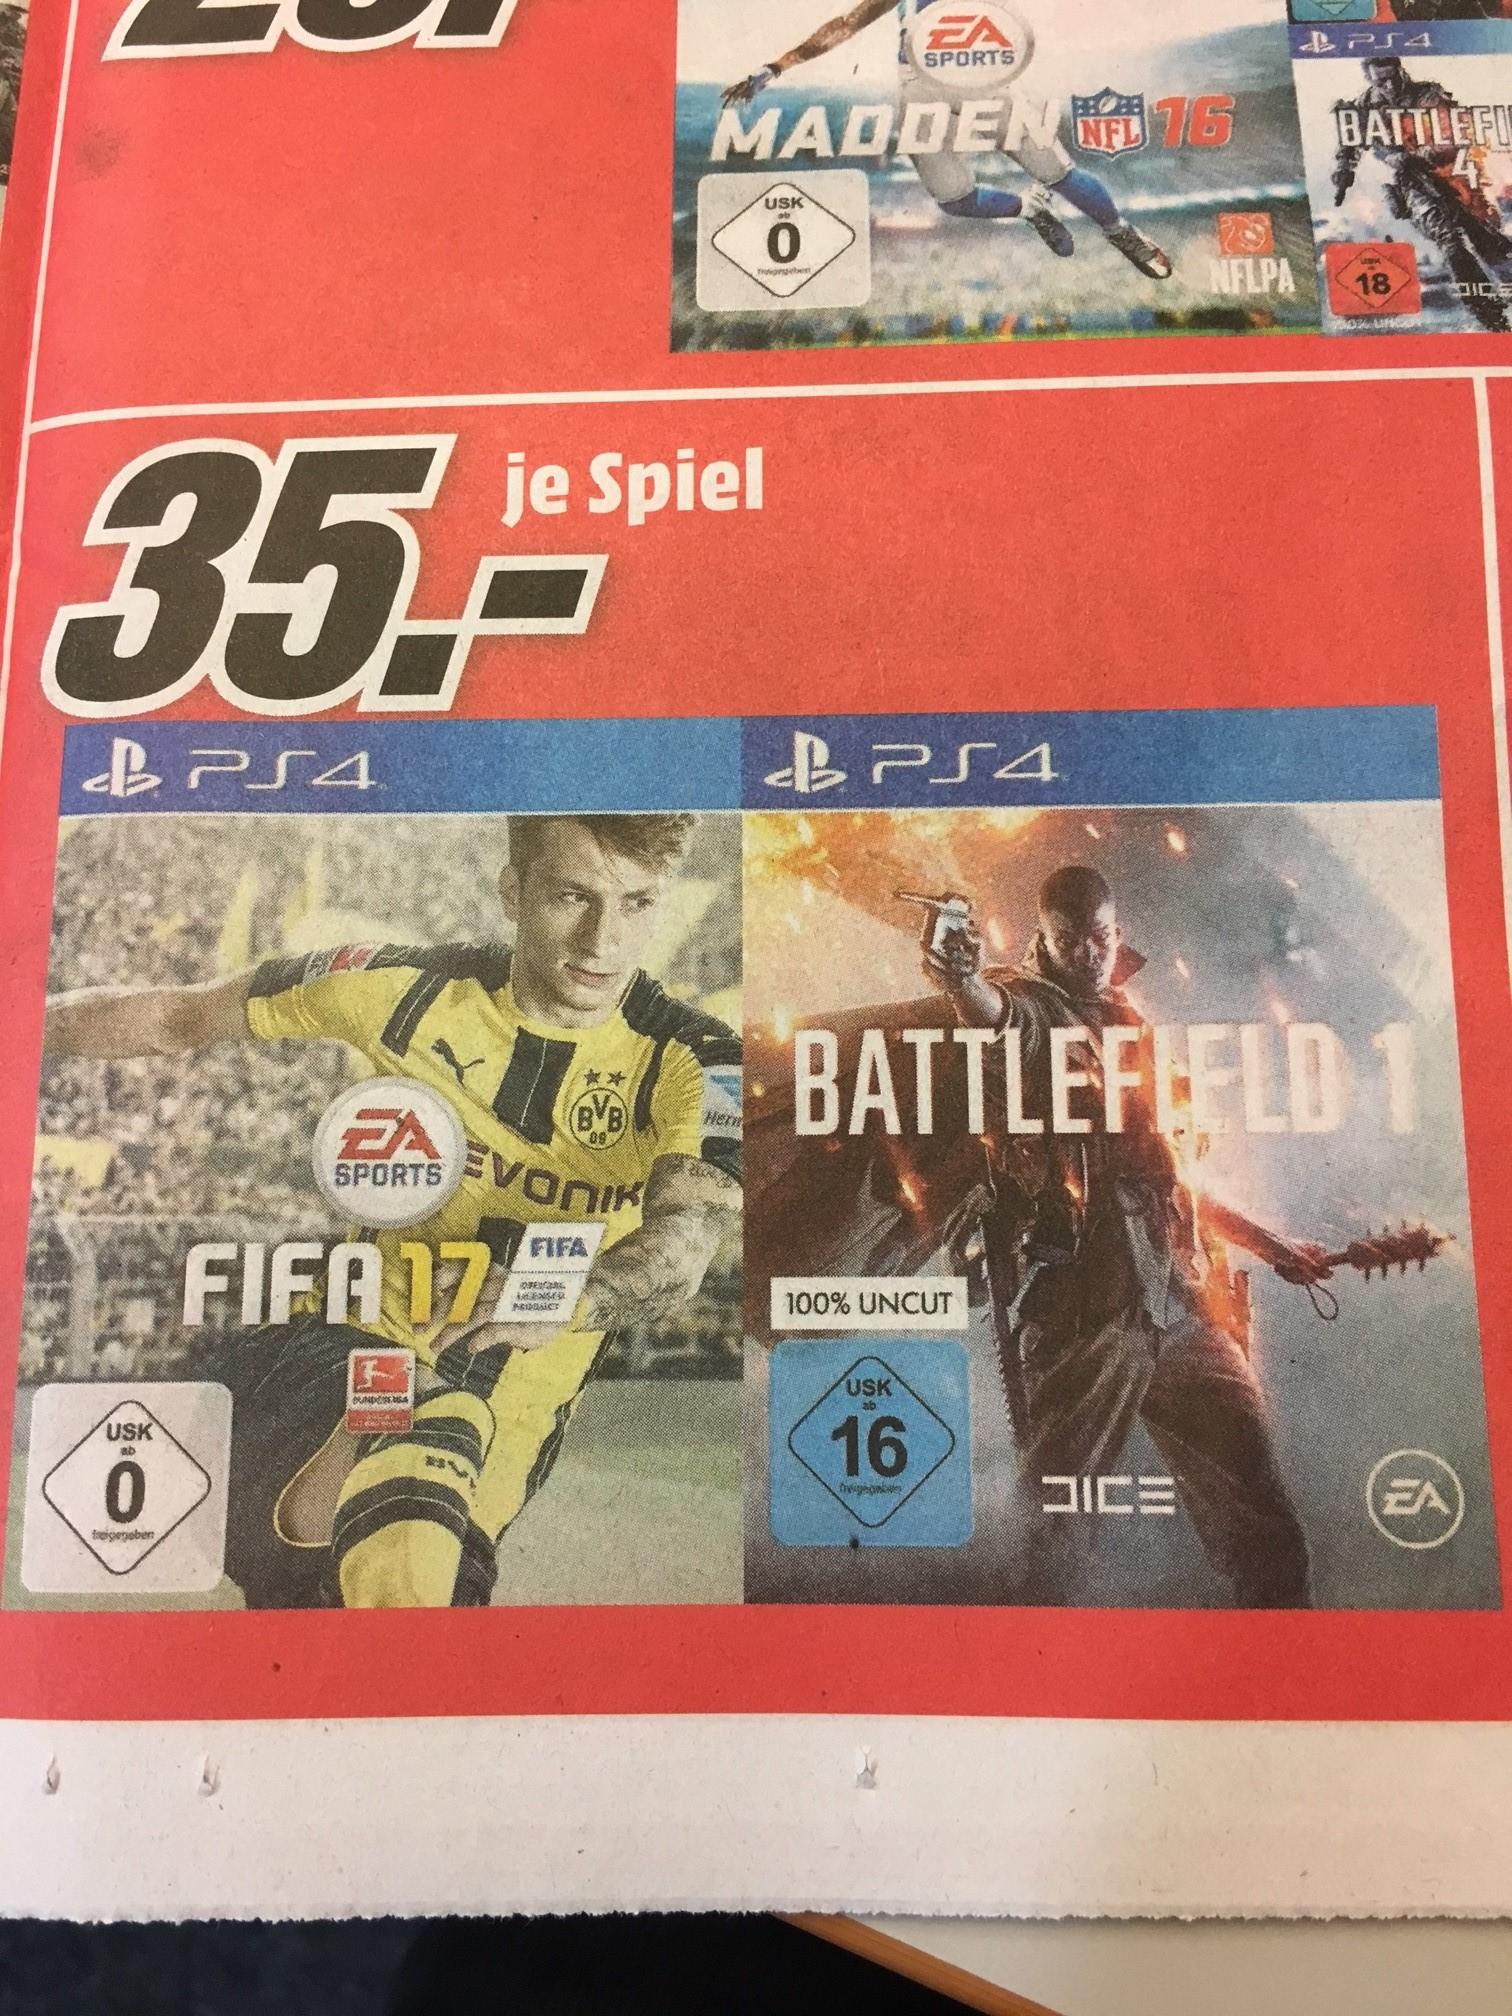 [MediaMarkt Hamburg] PS4 Games Battlefield 1 und Fifa 17 je 35€